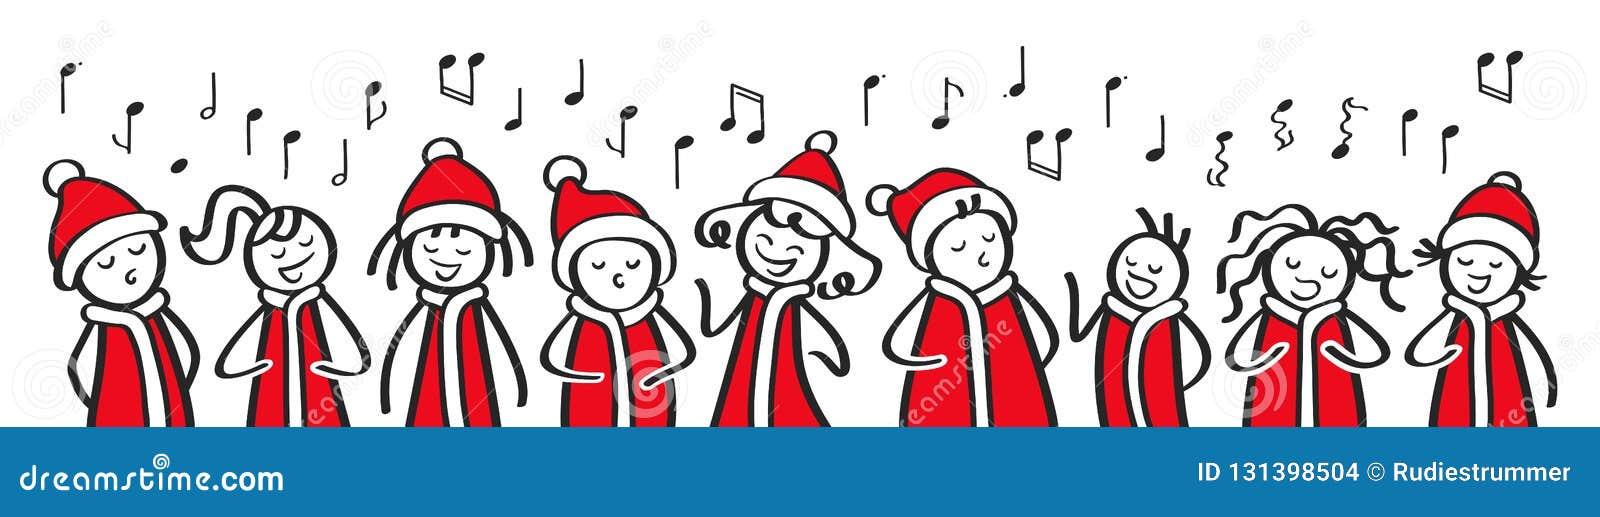 Les chanteurs de chant de Noël, le choeur, les hommes drôles et les femmes chantant, chiffres de bâton dans des costumes de Santa